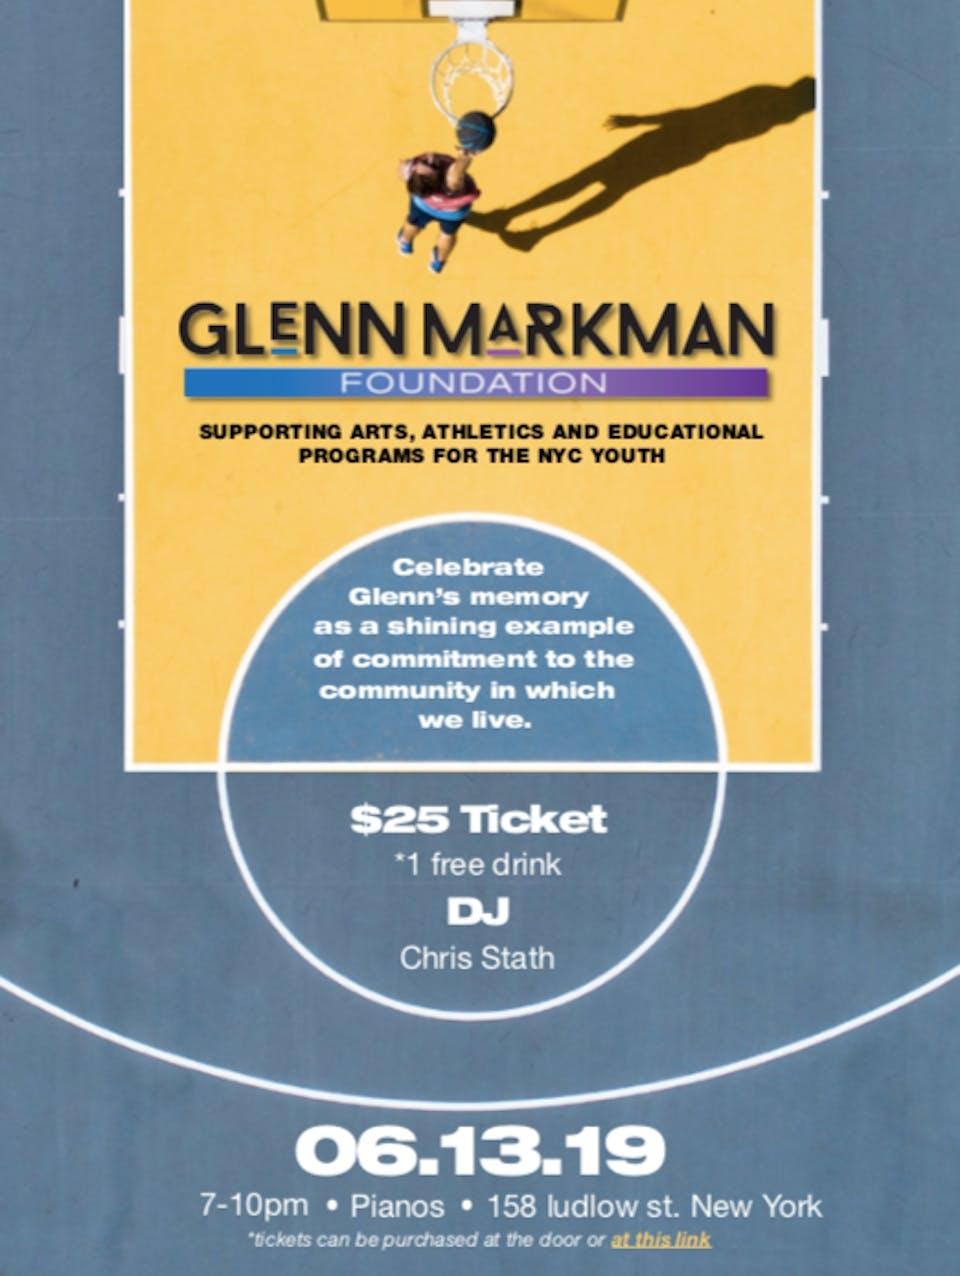 The Glenn Markman Foundation, #THEDANCEPARTY Ft. Taela Naomi (FREE)